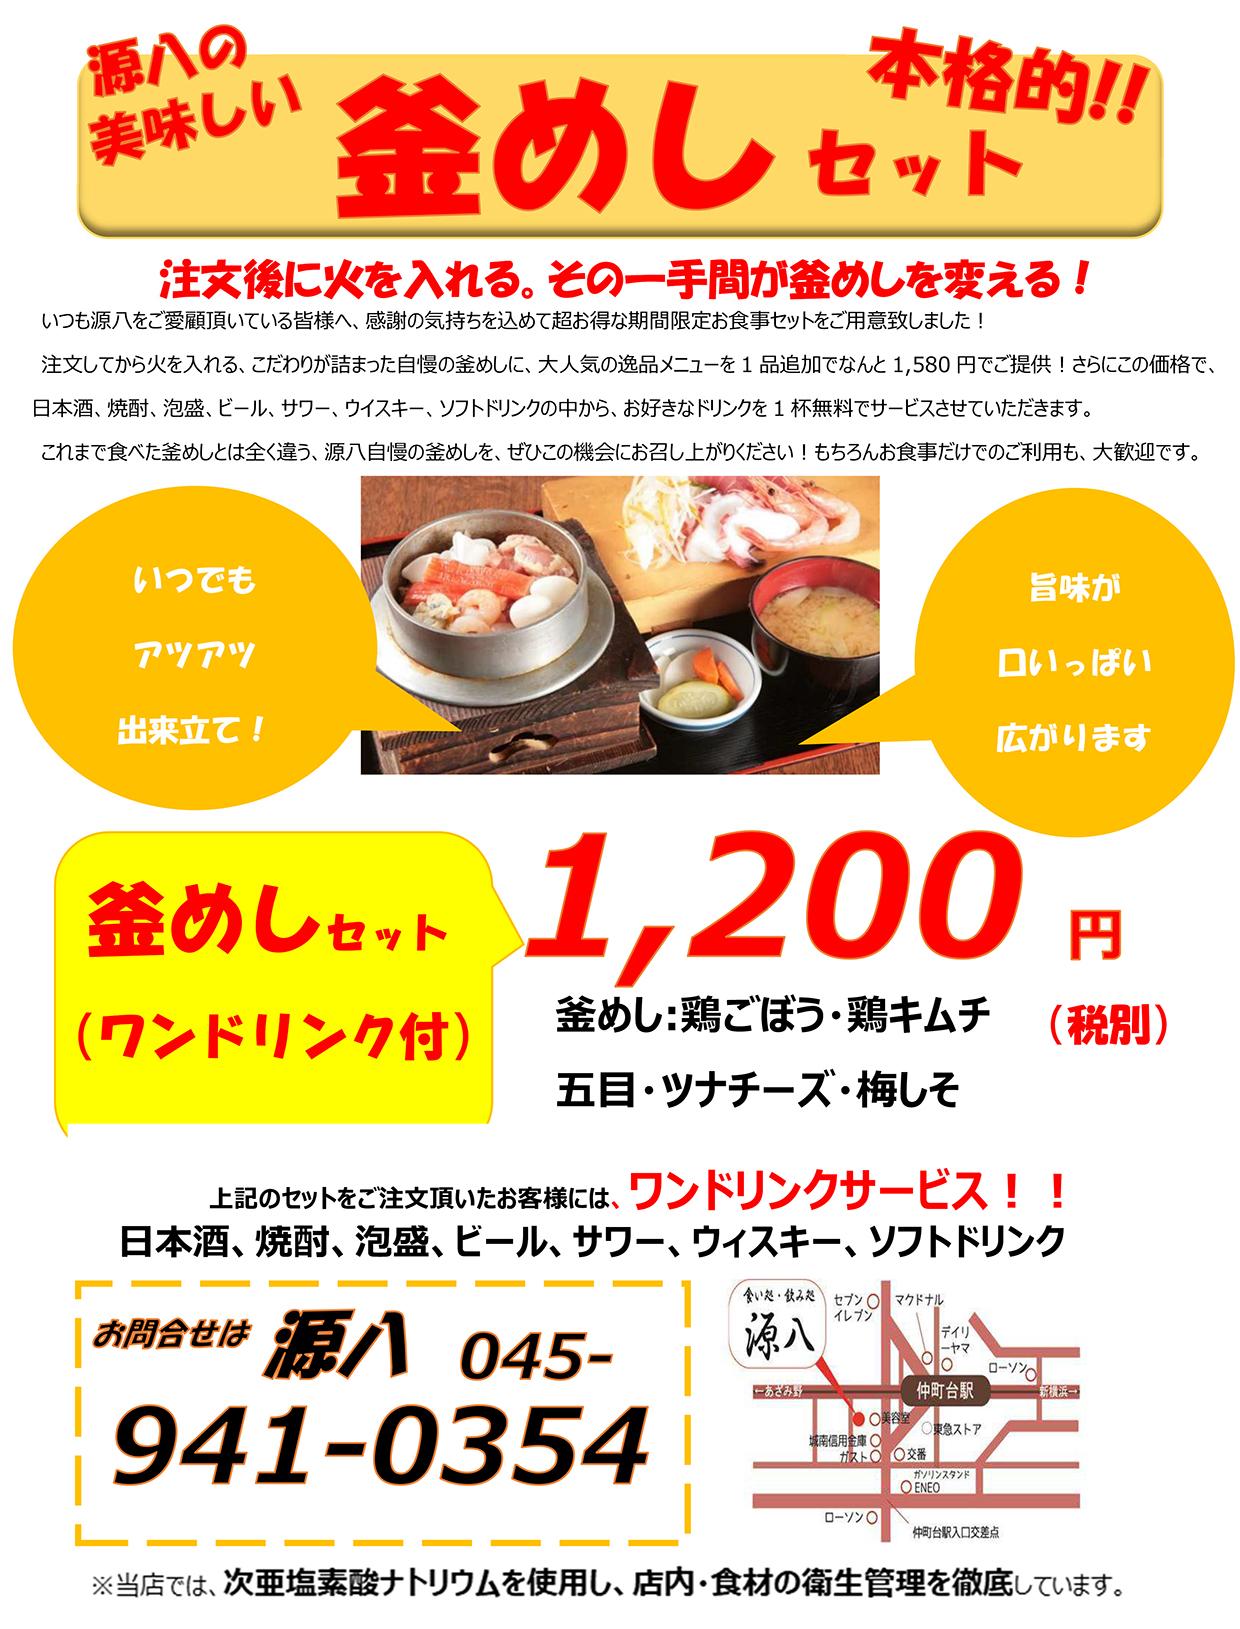 源八の釜めしセット1,200円(ワンドリンク付き)